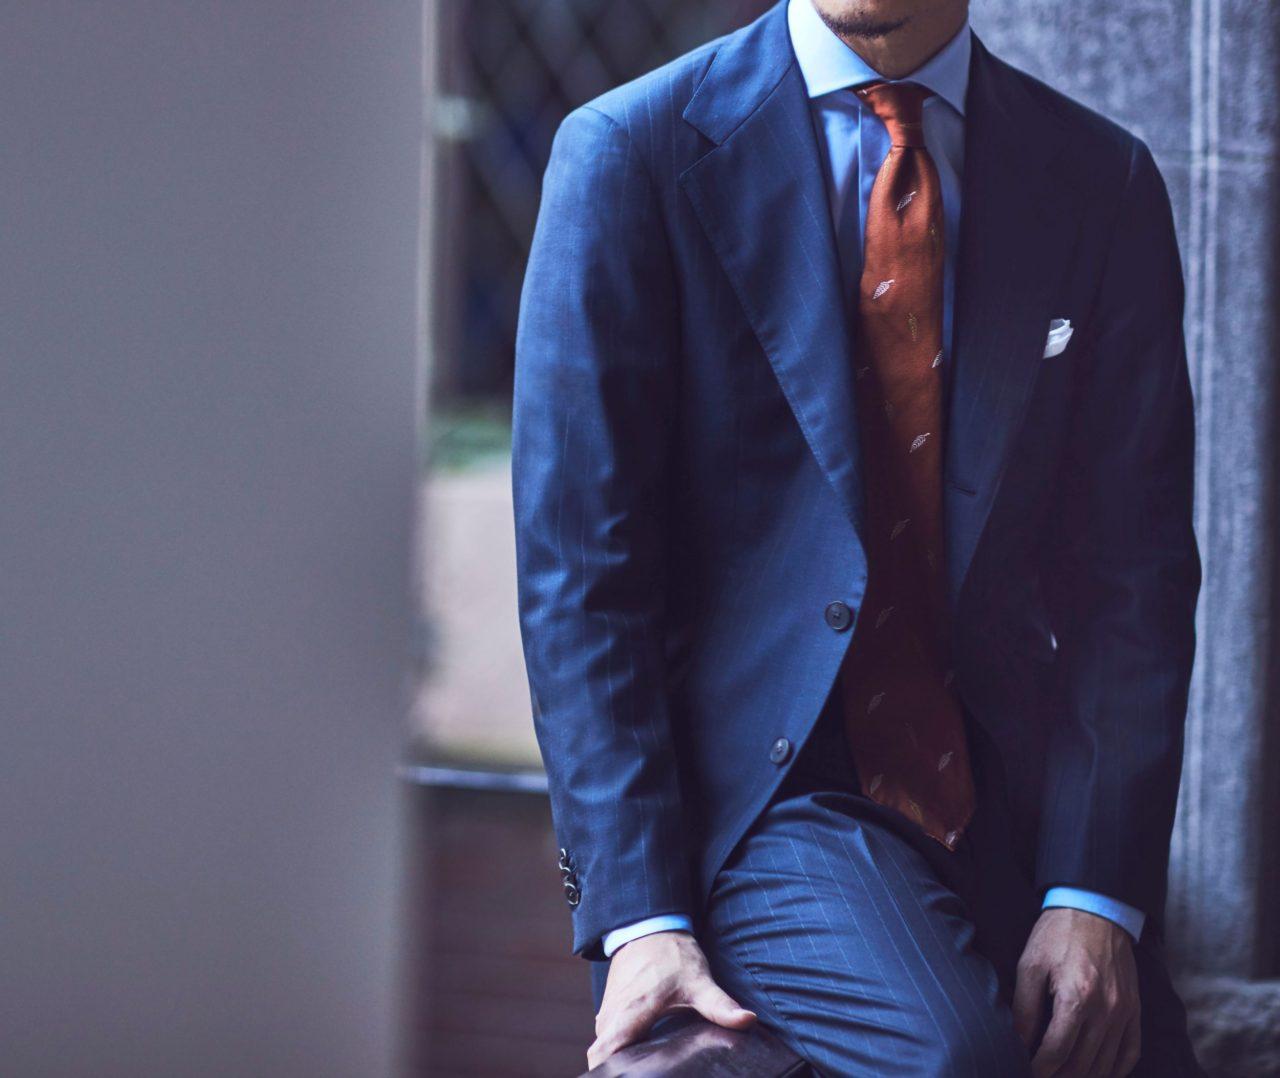 ビジネススタイルで着用いただけるスーツスタイルにぴったりなイタリアブランドAtto Vannucci(アット・ヴァンヌッチ)のネクタイを数多くお取り扱いしております。